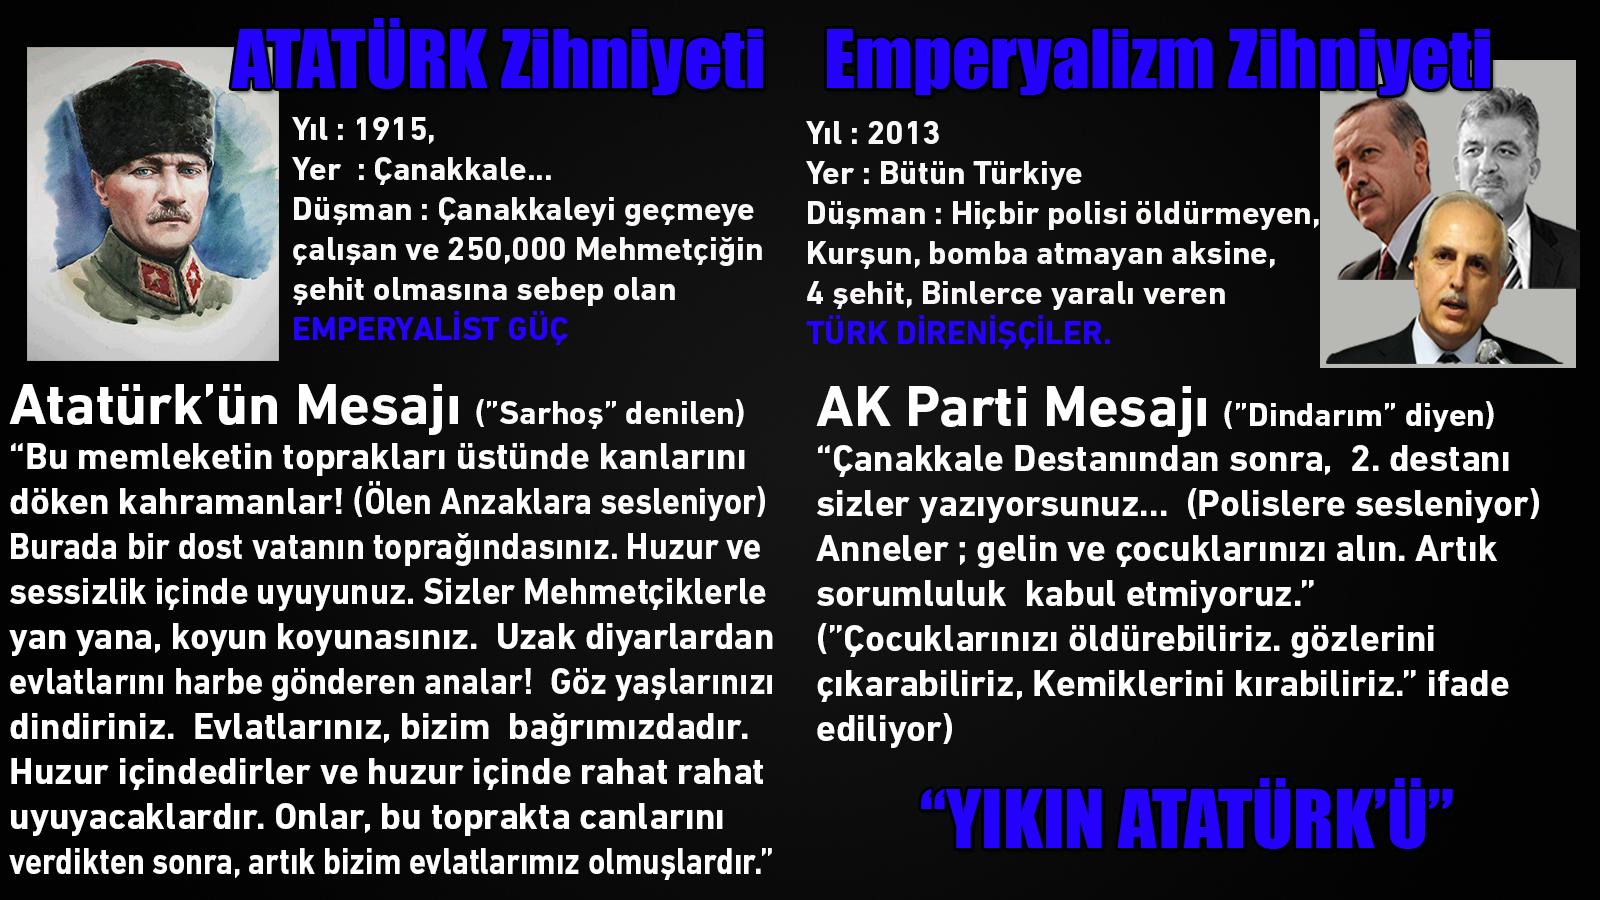 2013-06-15_AKPveAtatürkZihniyetleri_1600x900